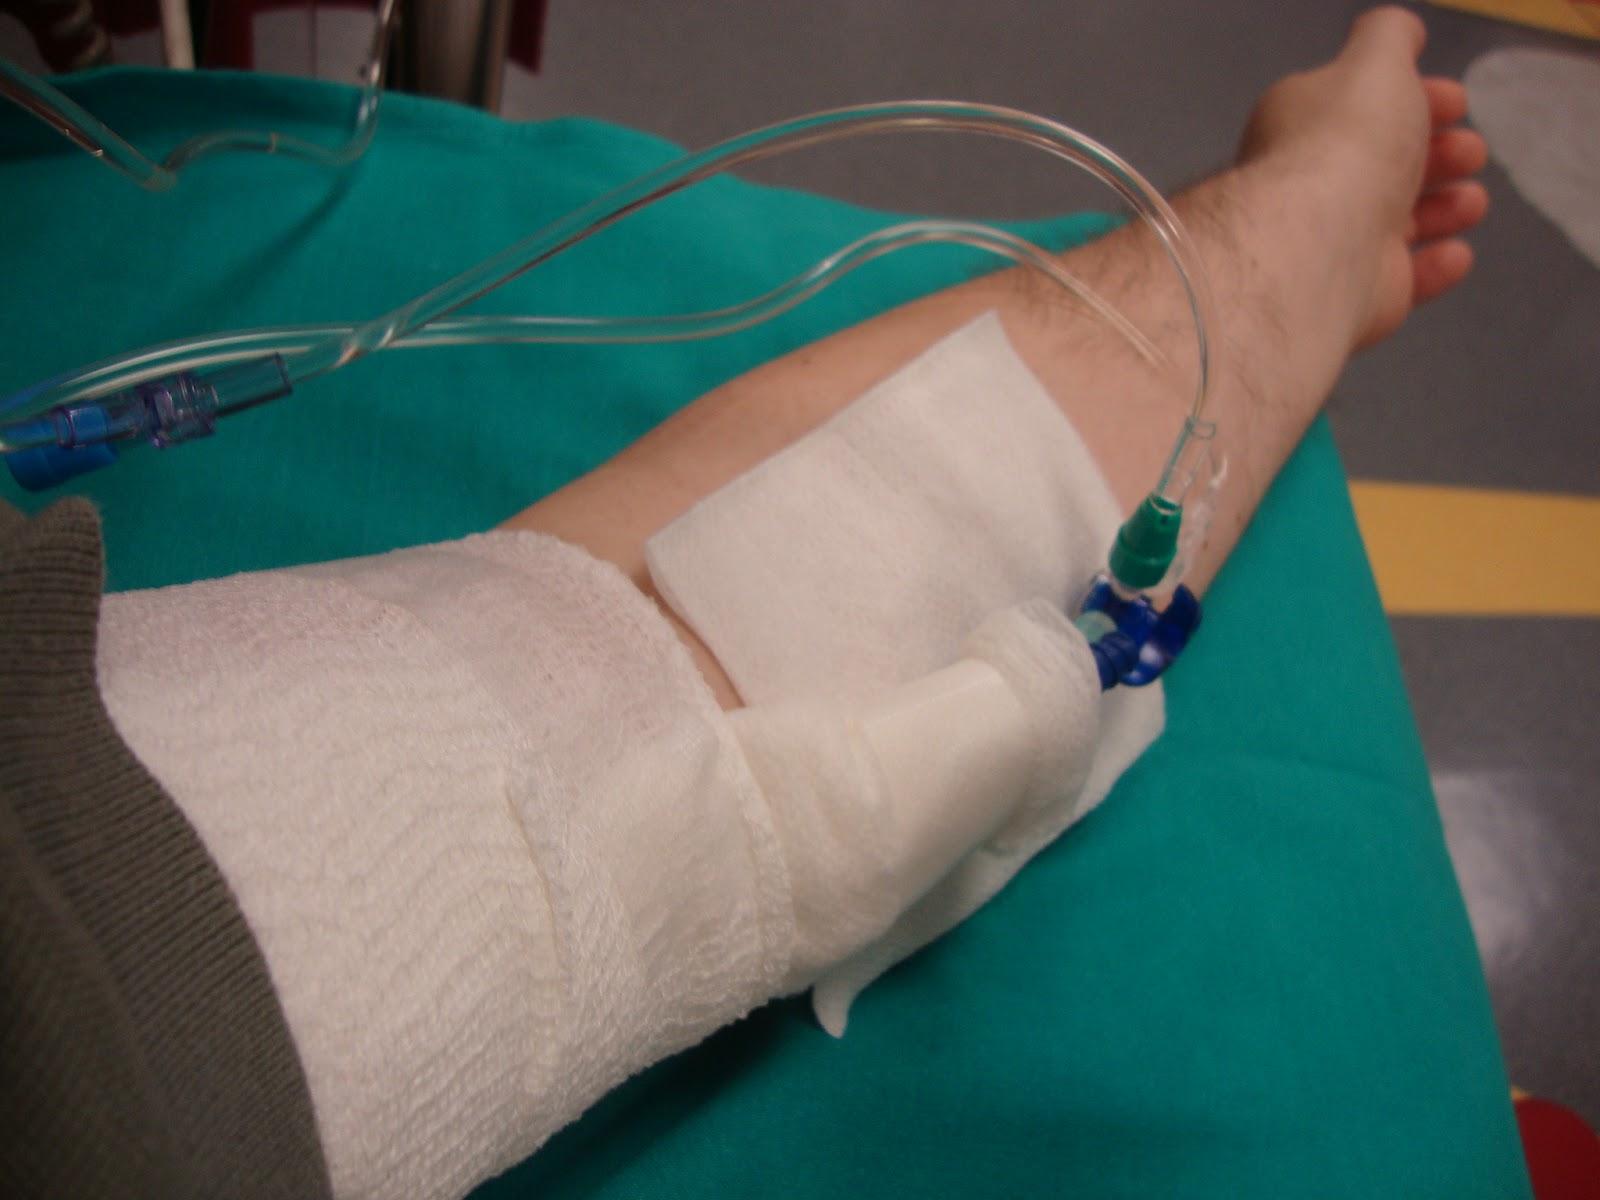 Le saque sangre - 3 part 10